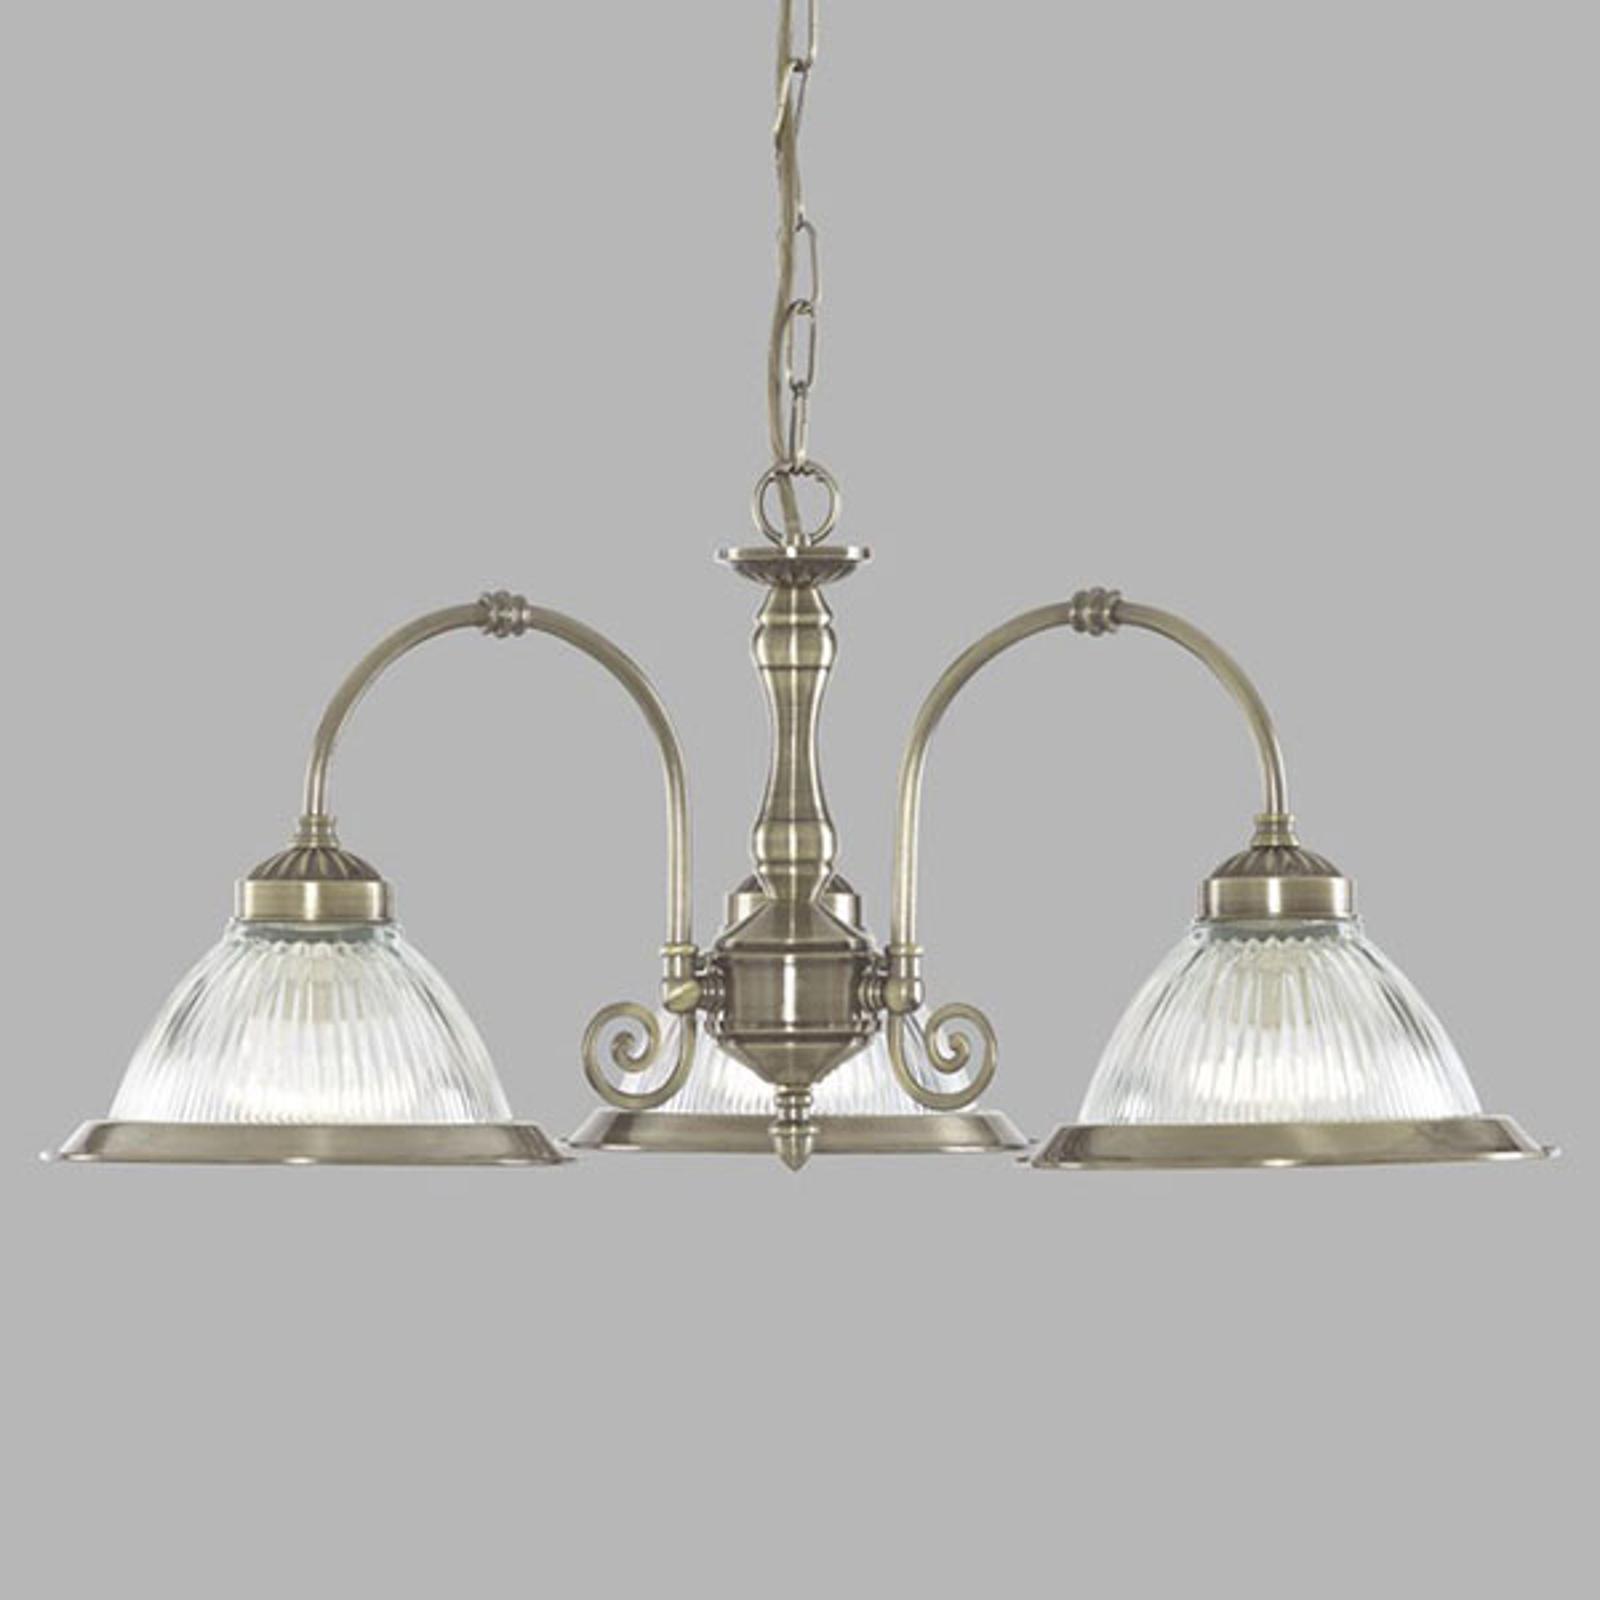 American Diner hængelampe, 3 lyskilder, messing